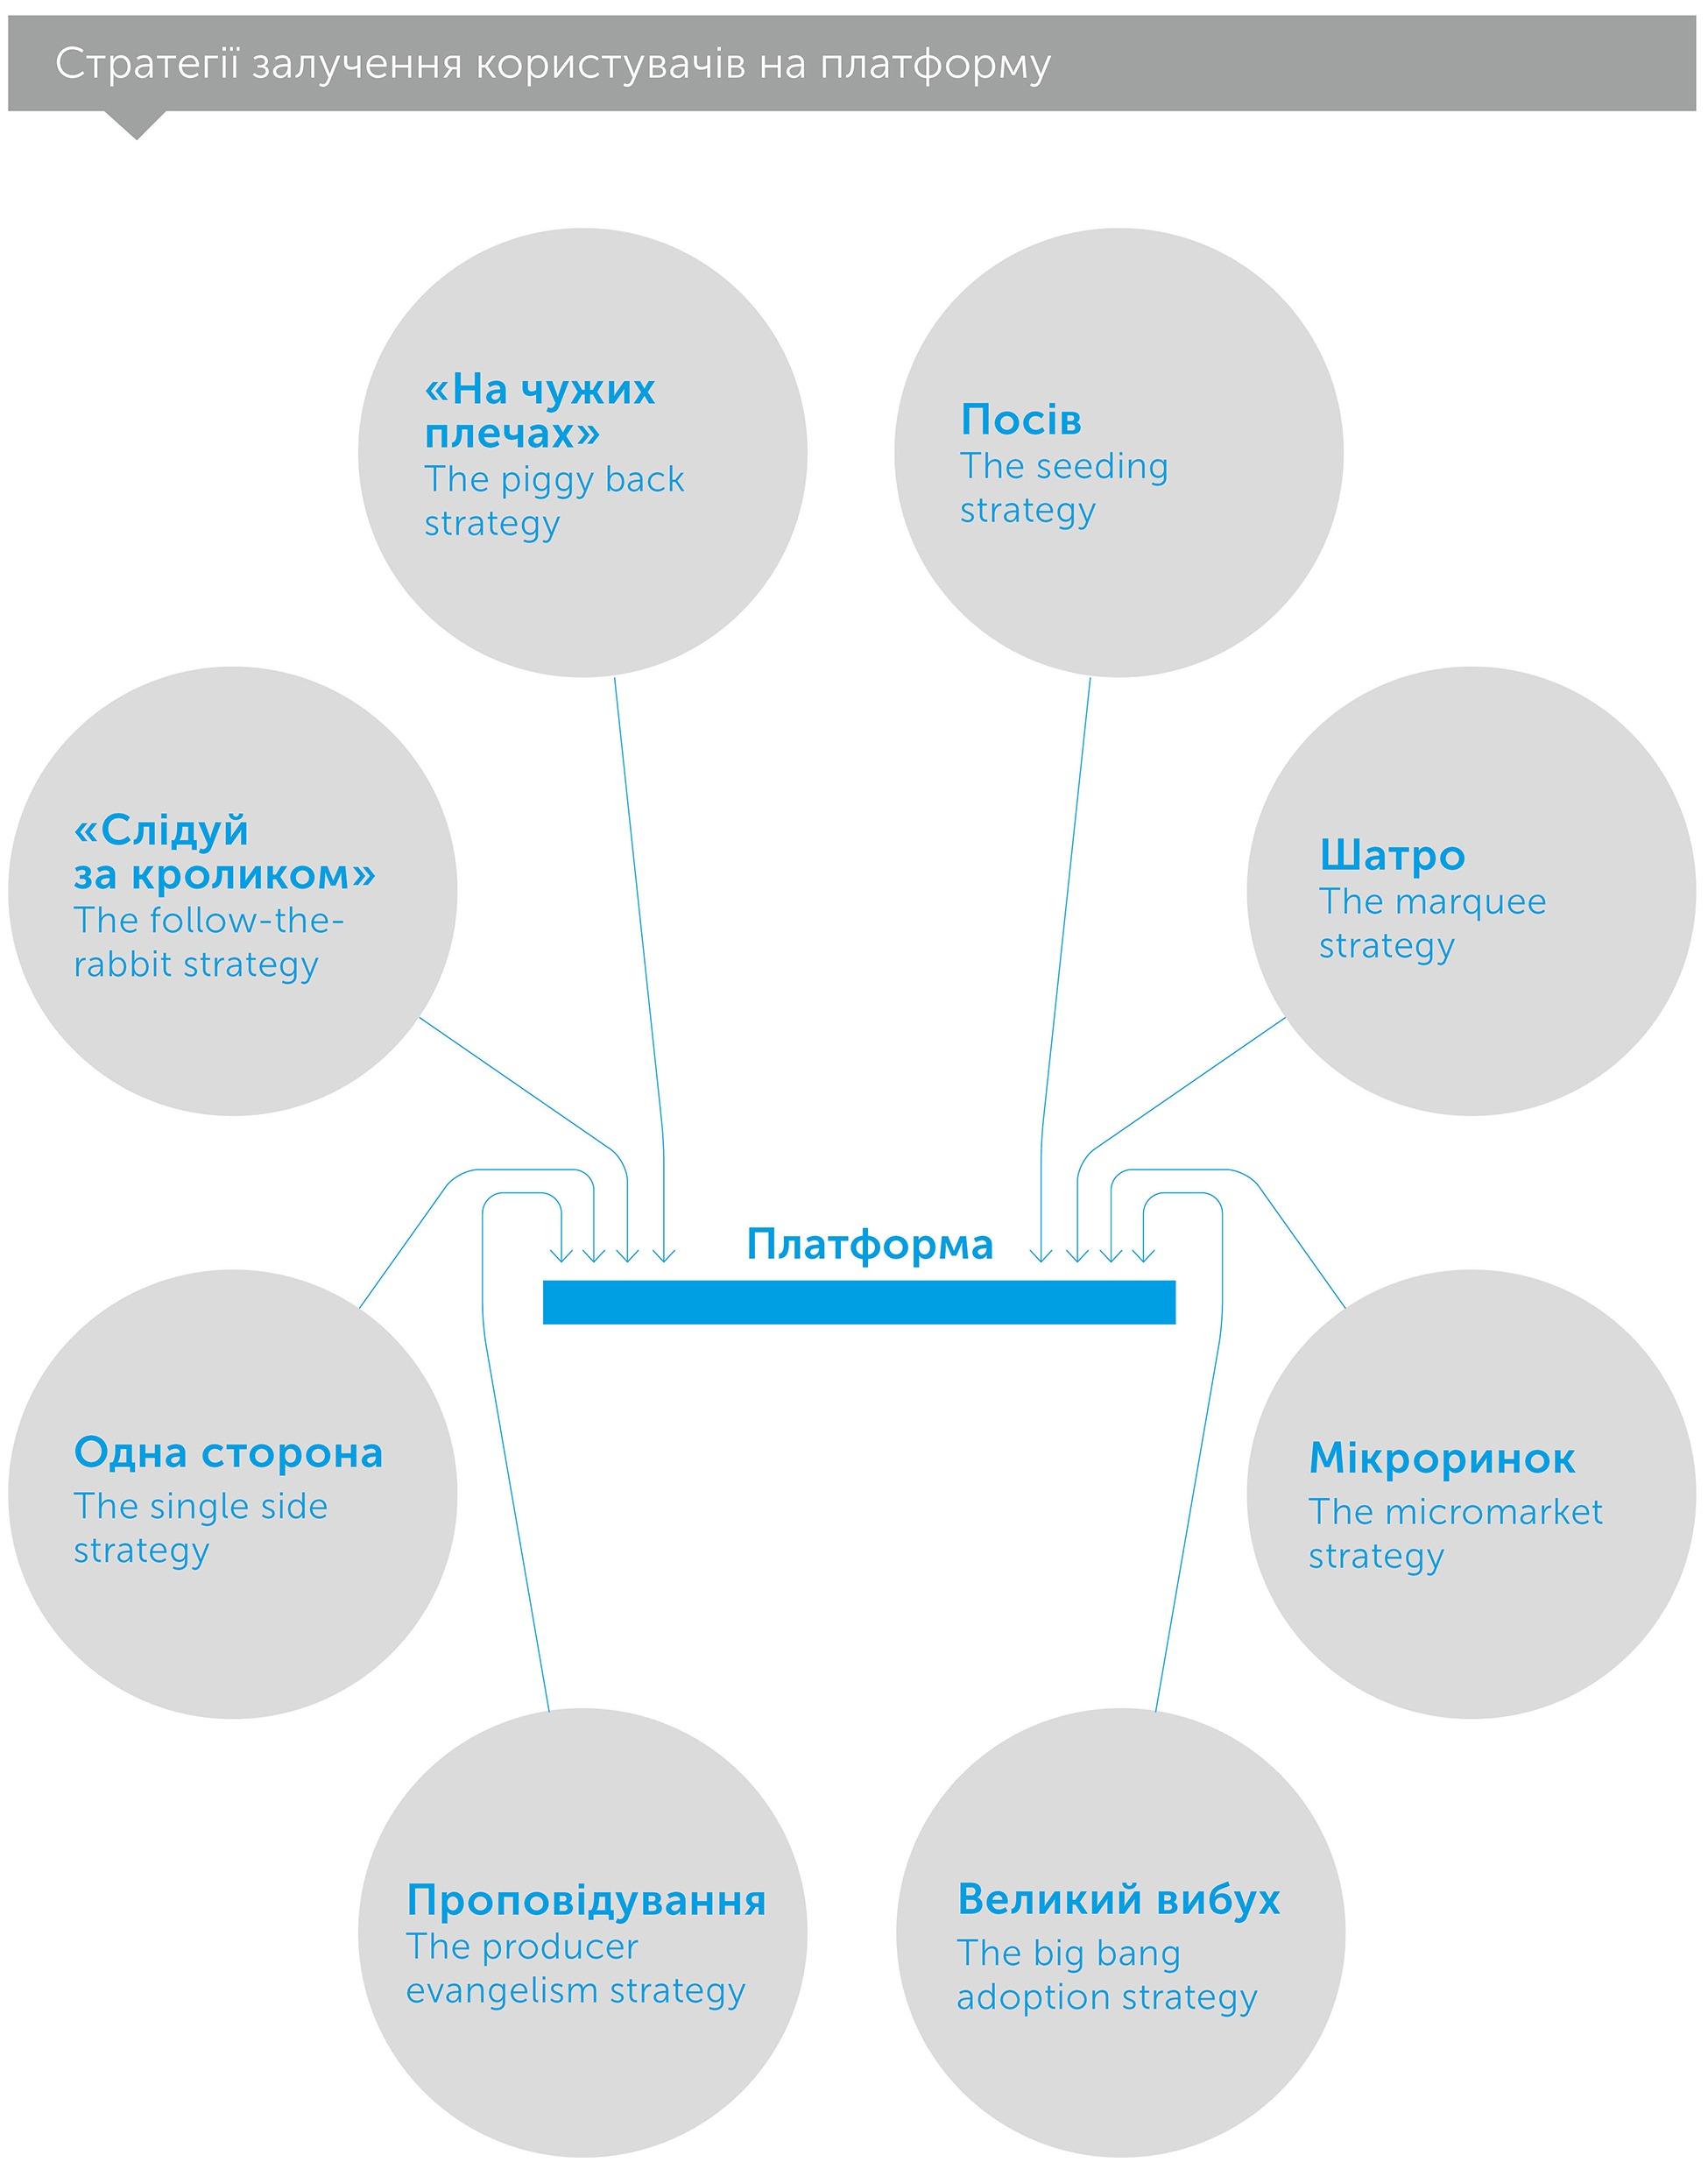 Революція платформ. Як мережеві ринки змінюють економіку – і як змусити їх працювати на вас, автор Маршалл Альстайн | Kyivstar Business Hub, зображення №6